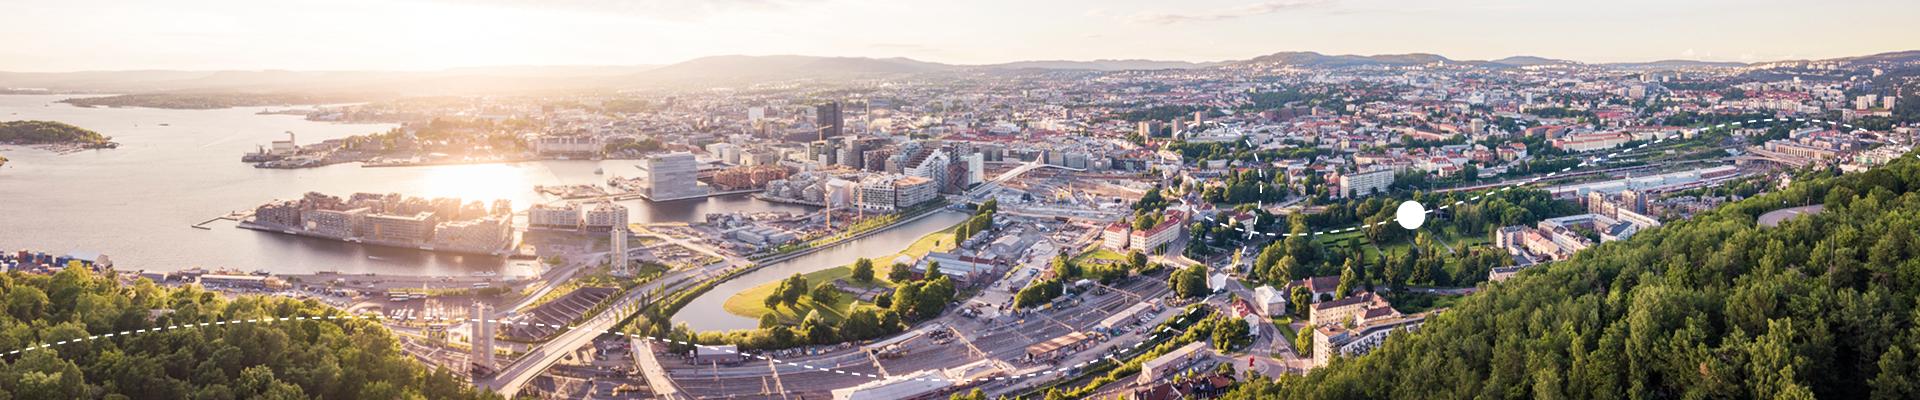 Un paseo por Oslo, la capital más antigua de Escandinavia